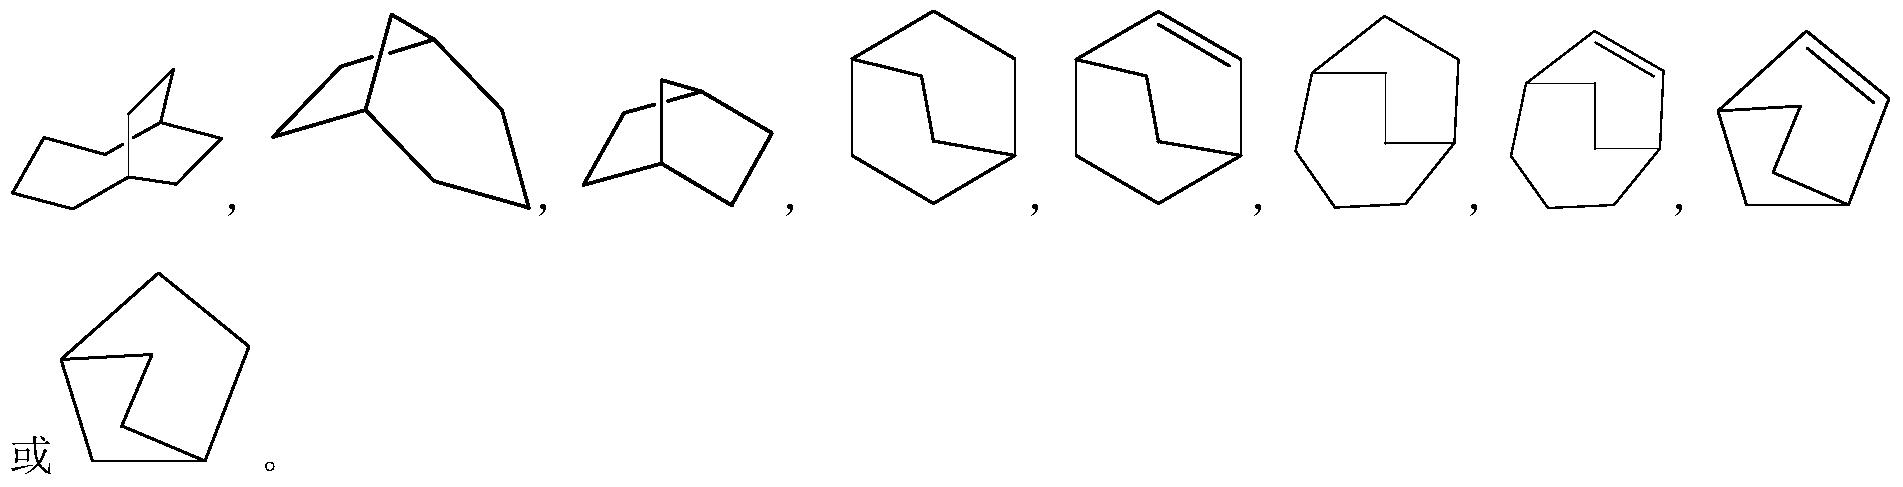 Figure PCTCN2017084604-appb-100013